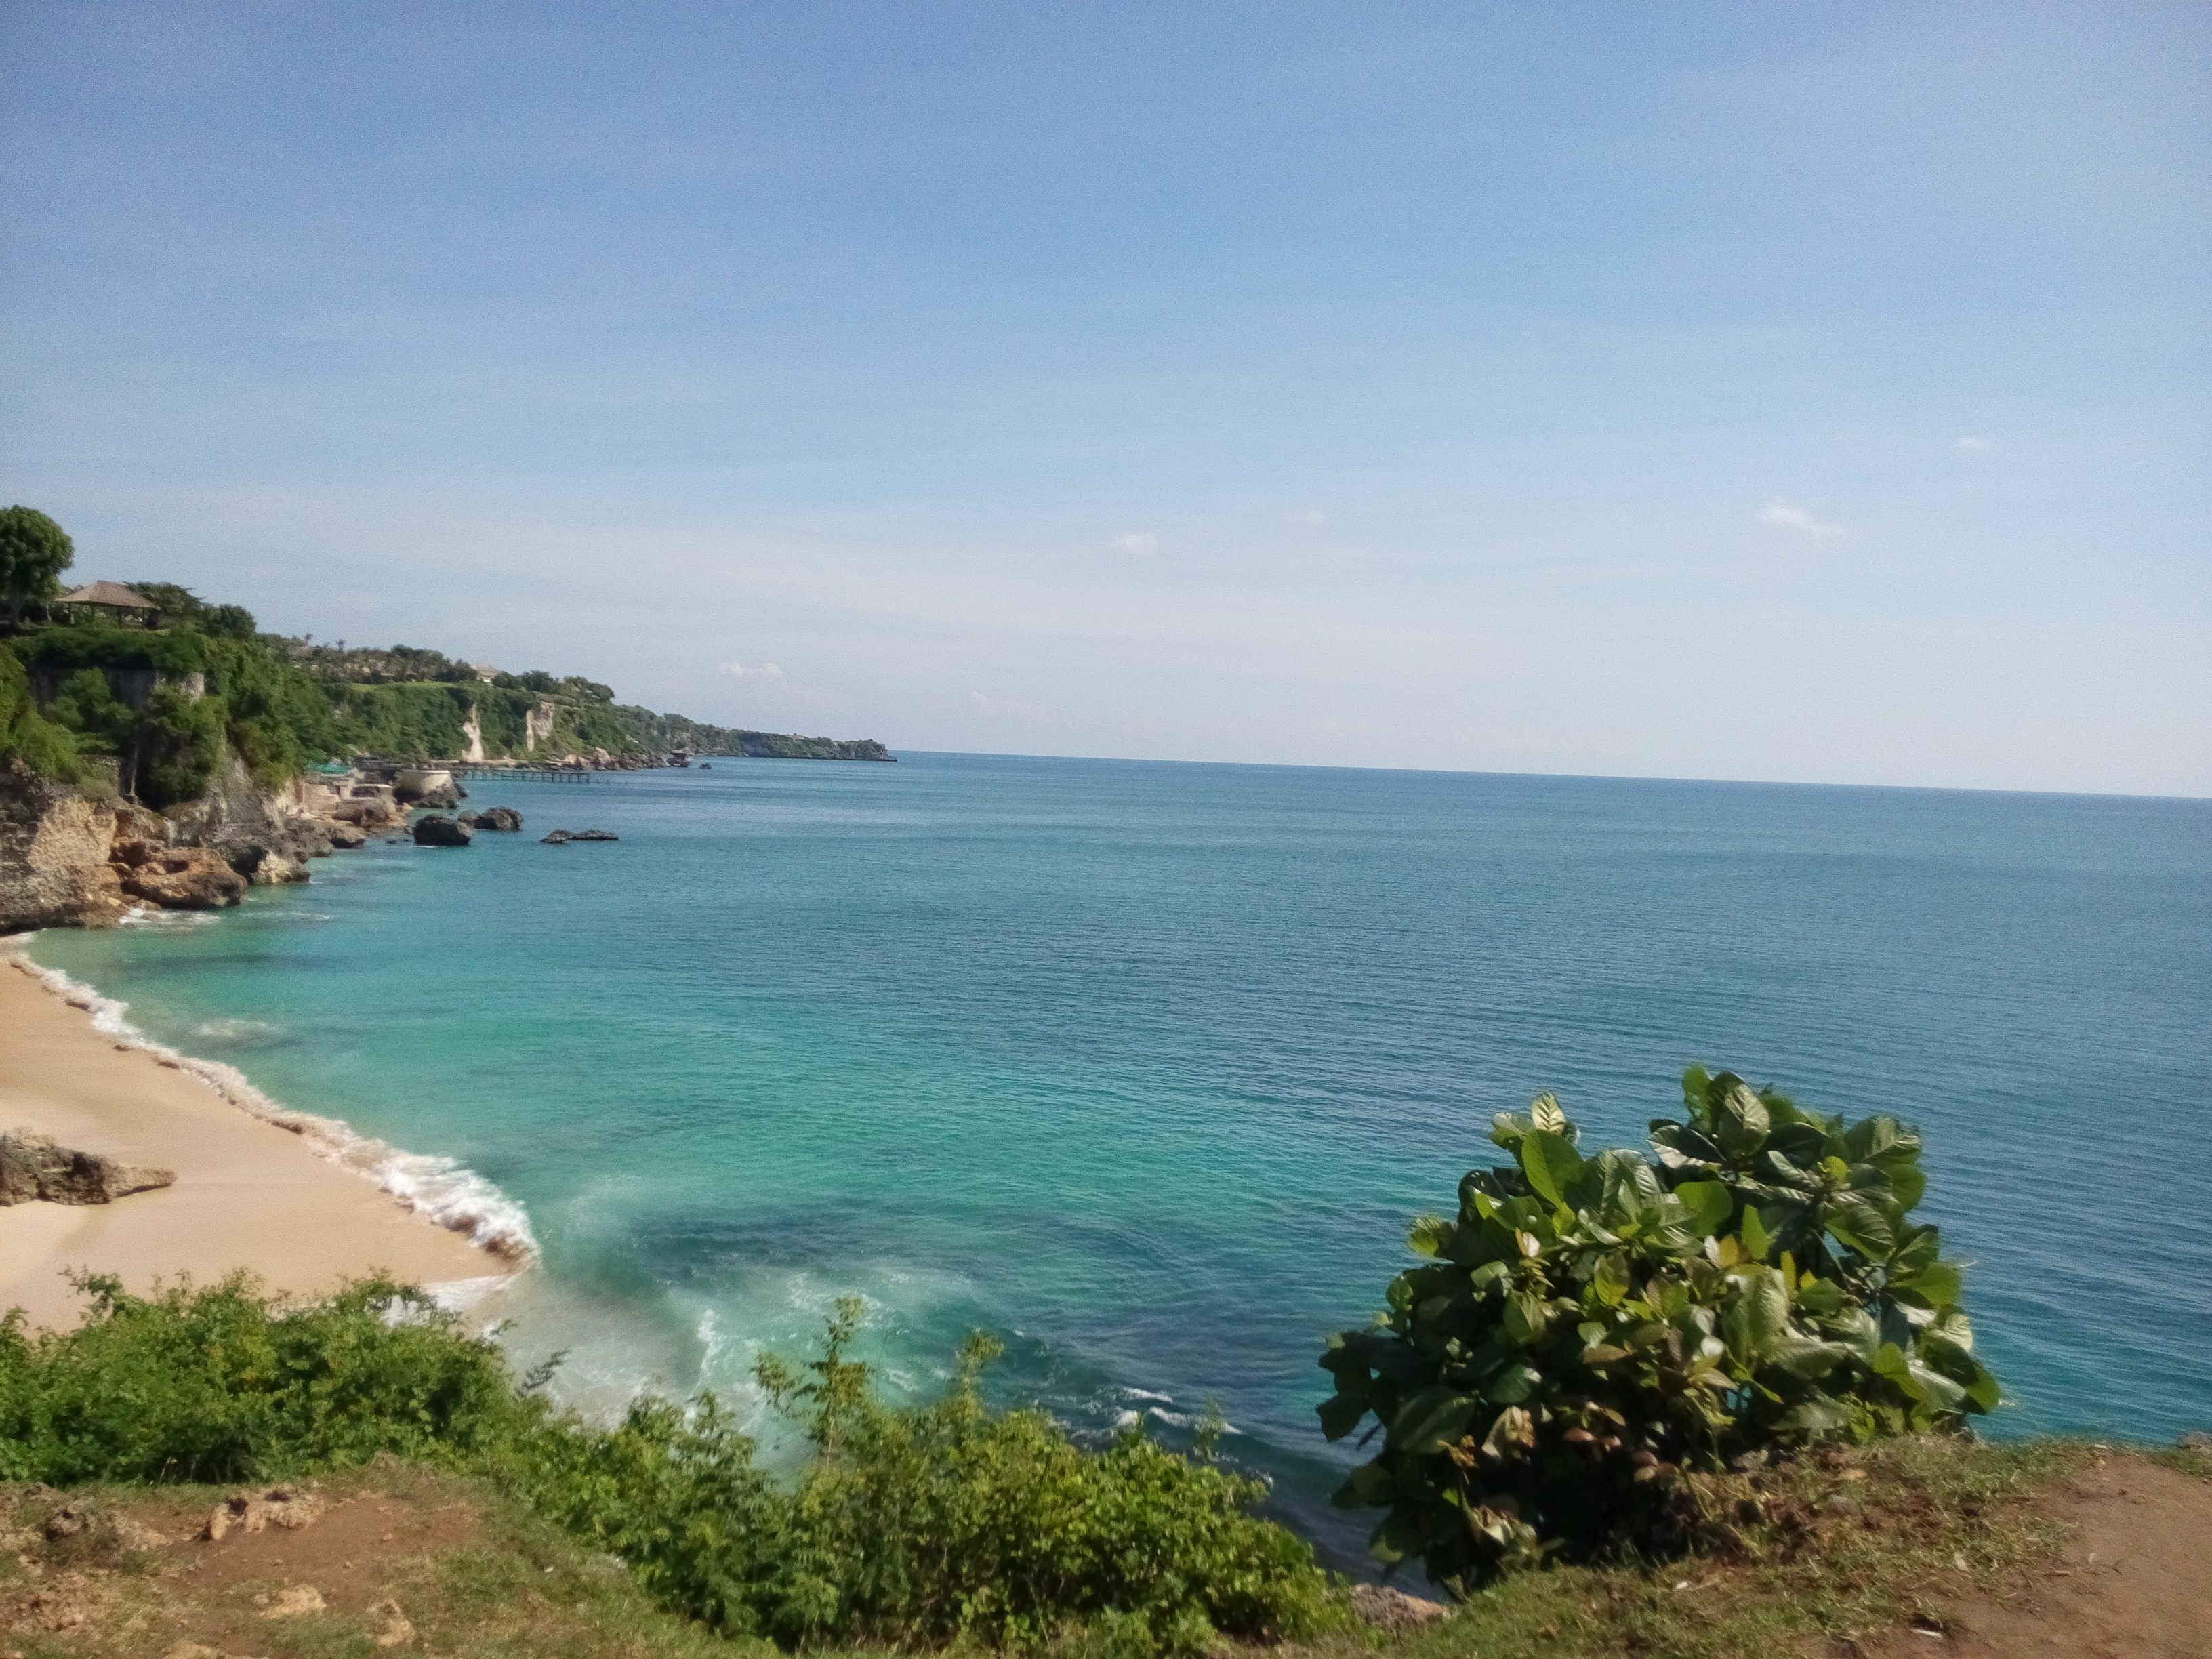 Pantai Padang-padang - Wikipedia bahasa Indonesia, ensiklopedia bebas